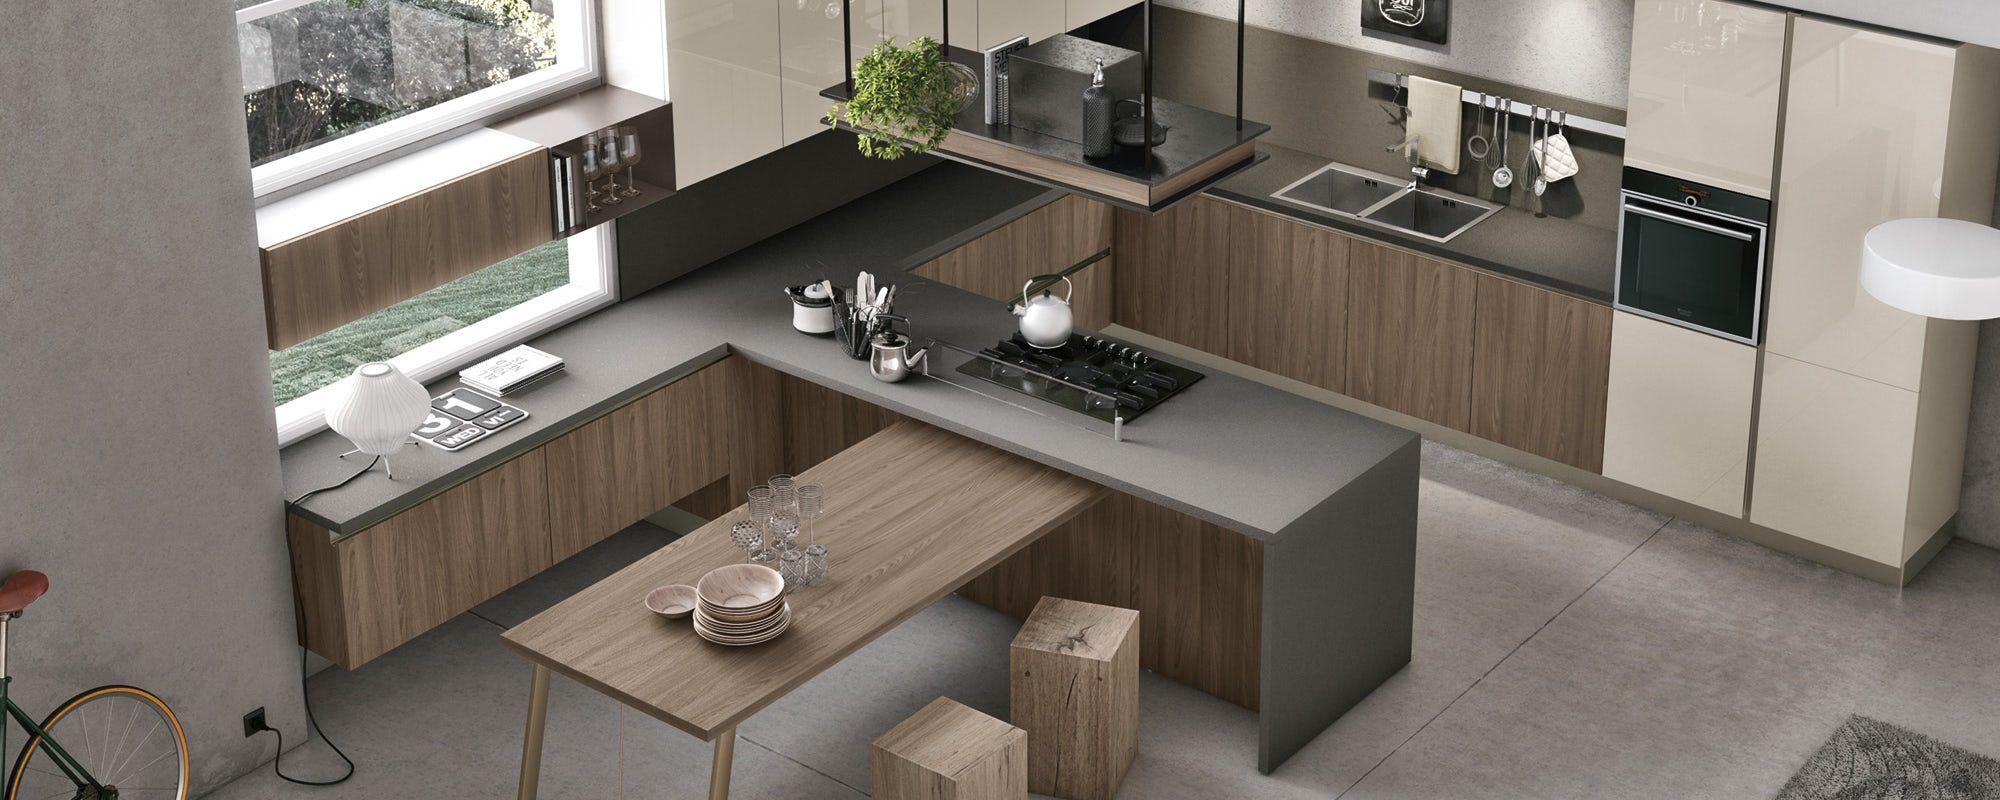 cucine moderne stosa - modello cucina infinity 05   Kitchen ...